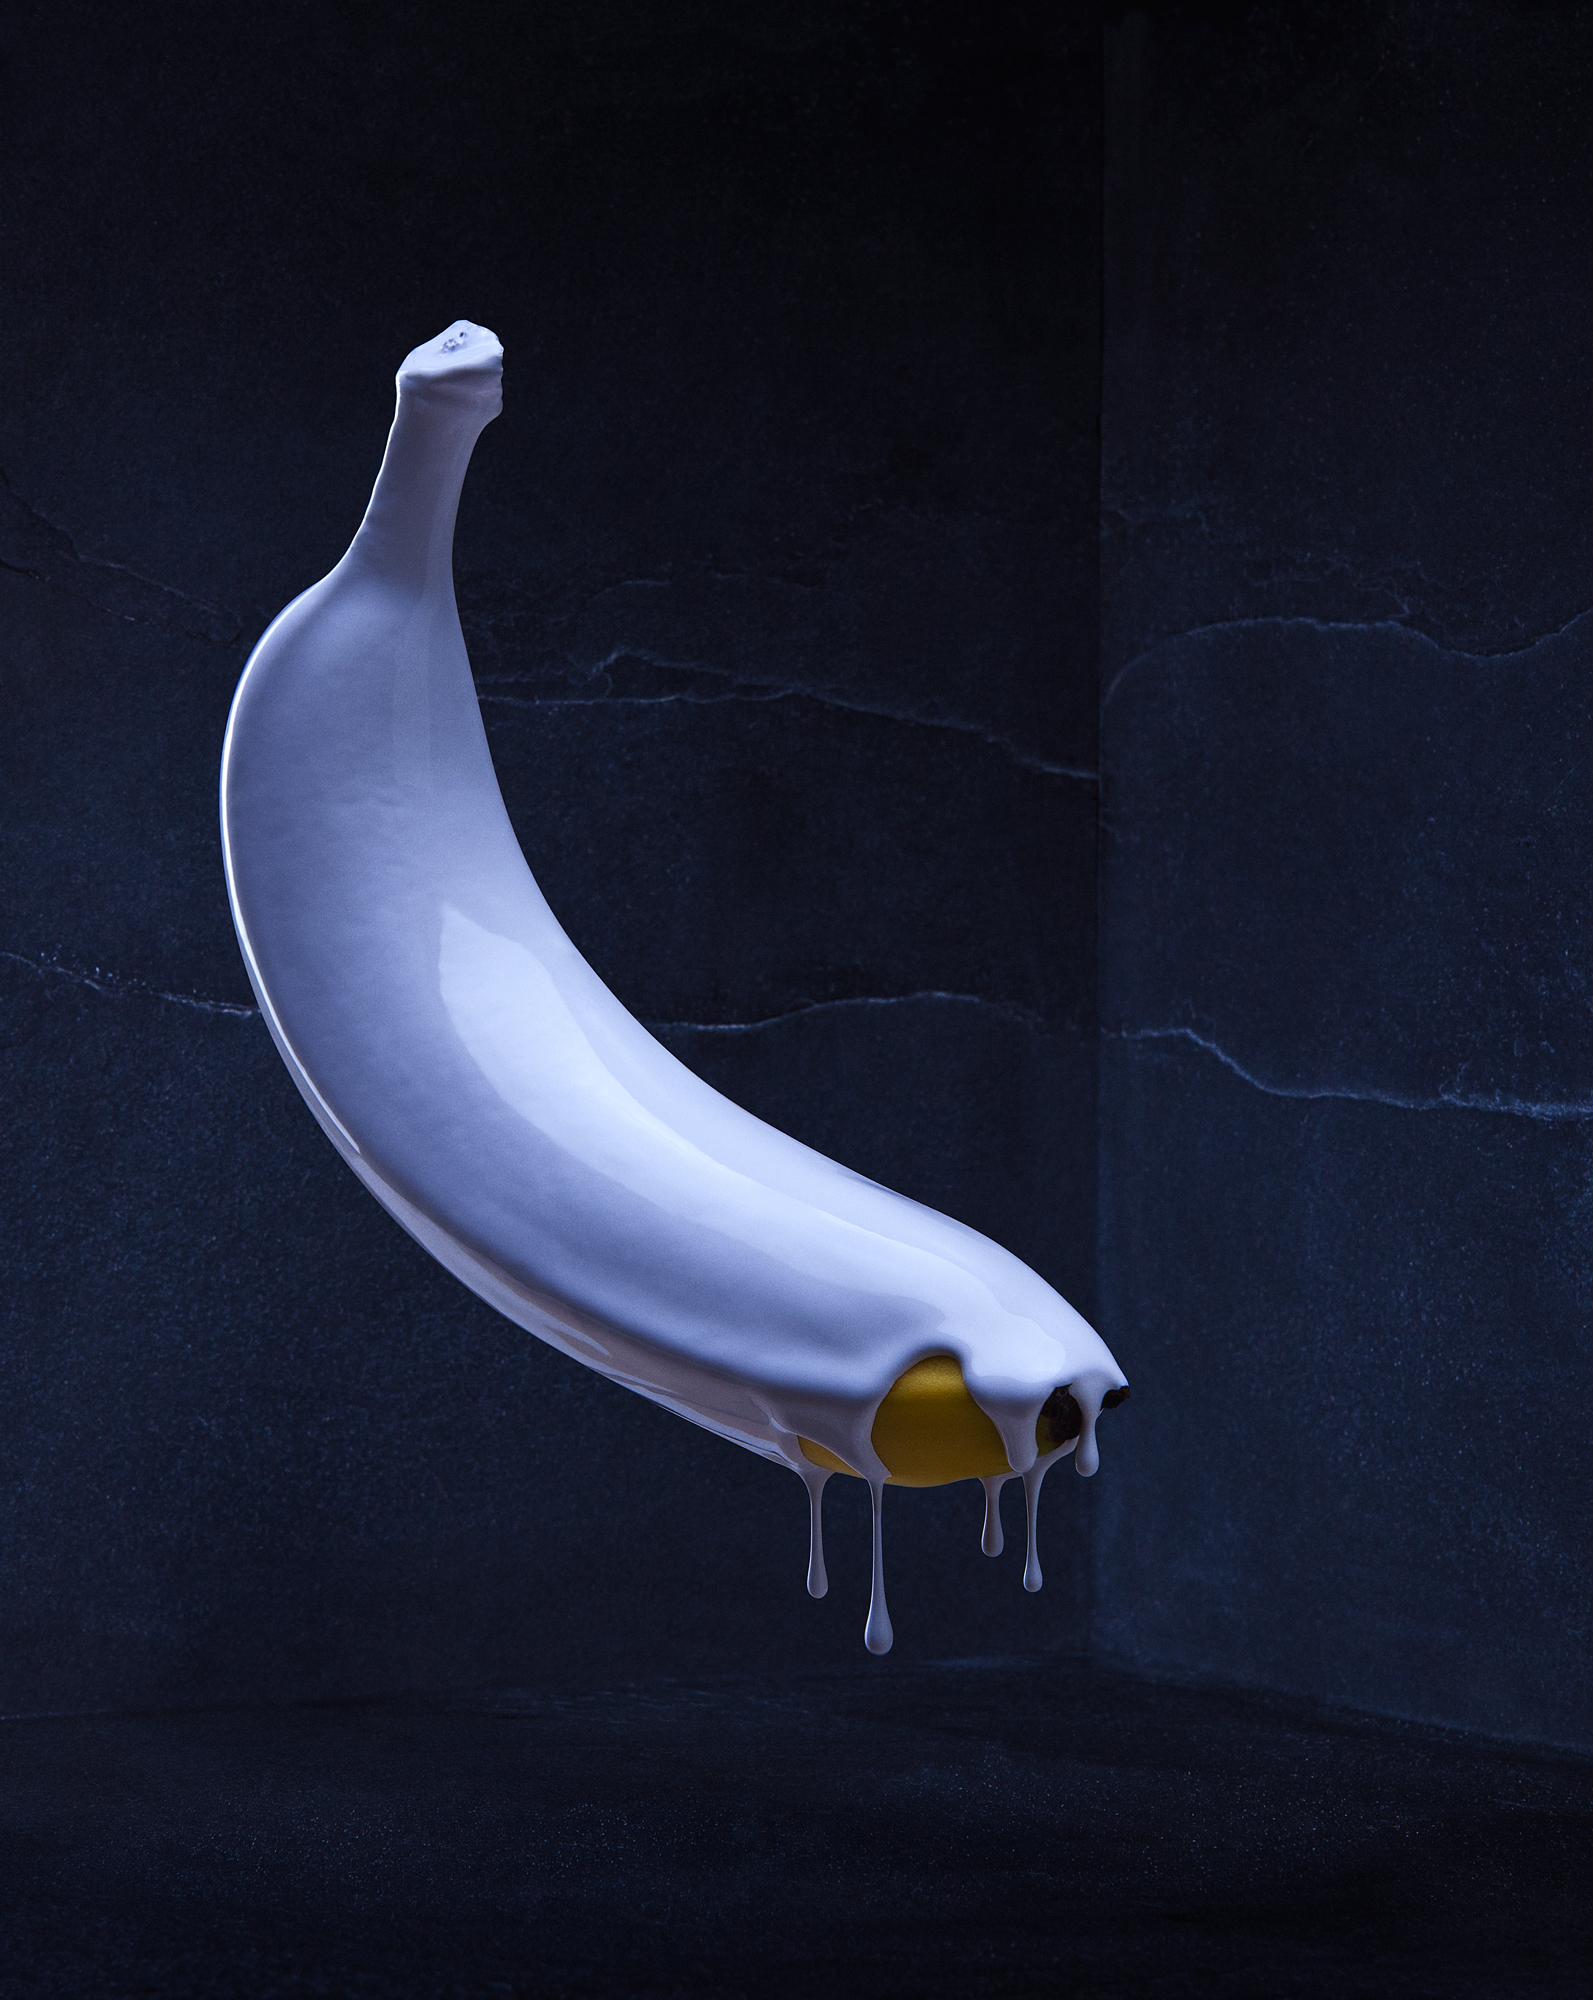 0048_Banane_v1.jpg